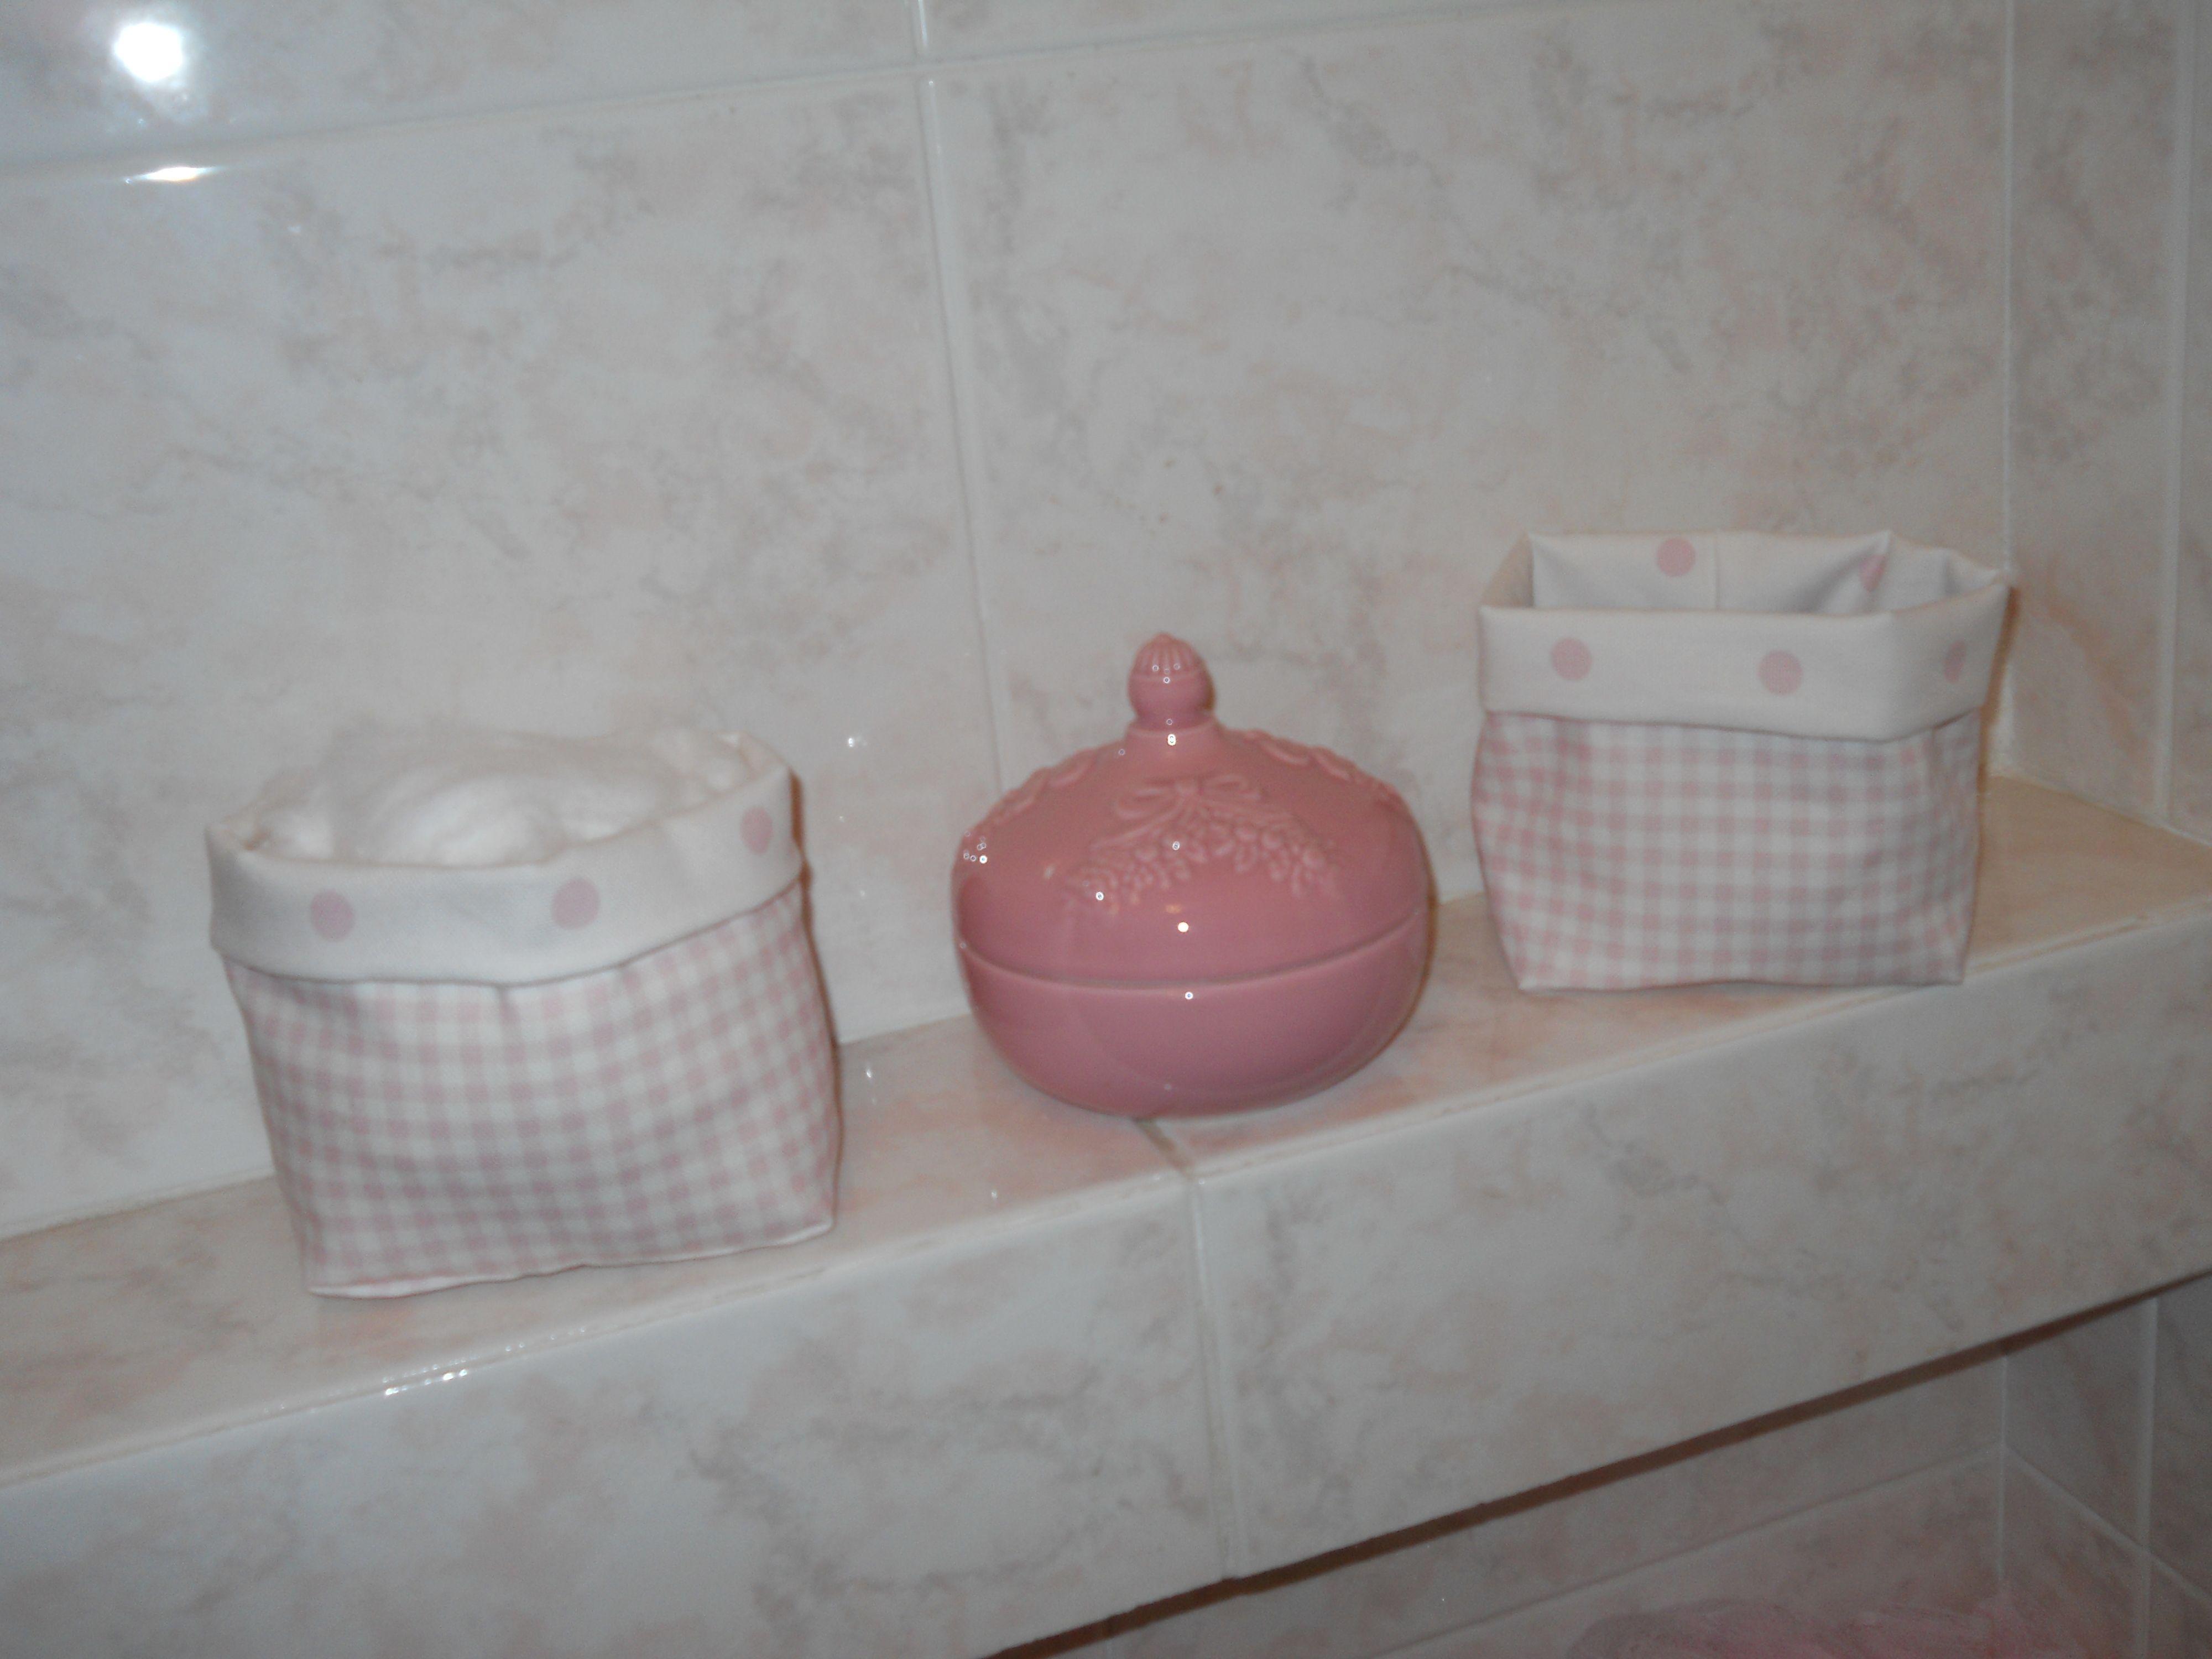 Piccoli porta tutto da bagno cucito creativo - Cucito creativo bagno ...